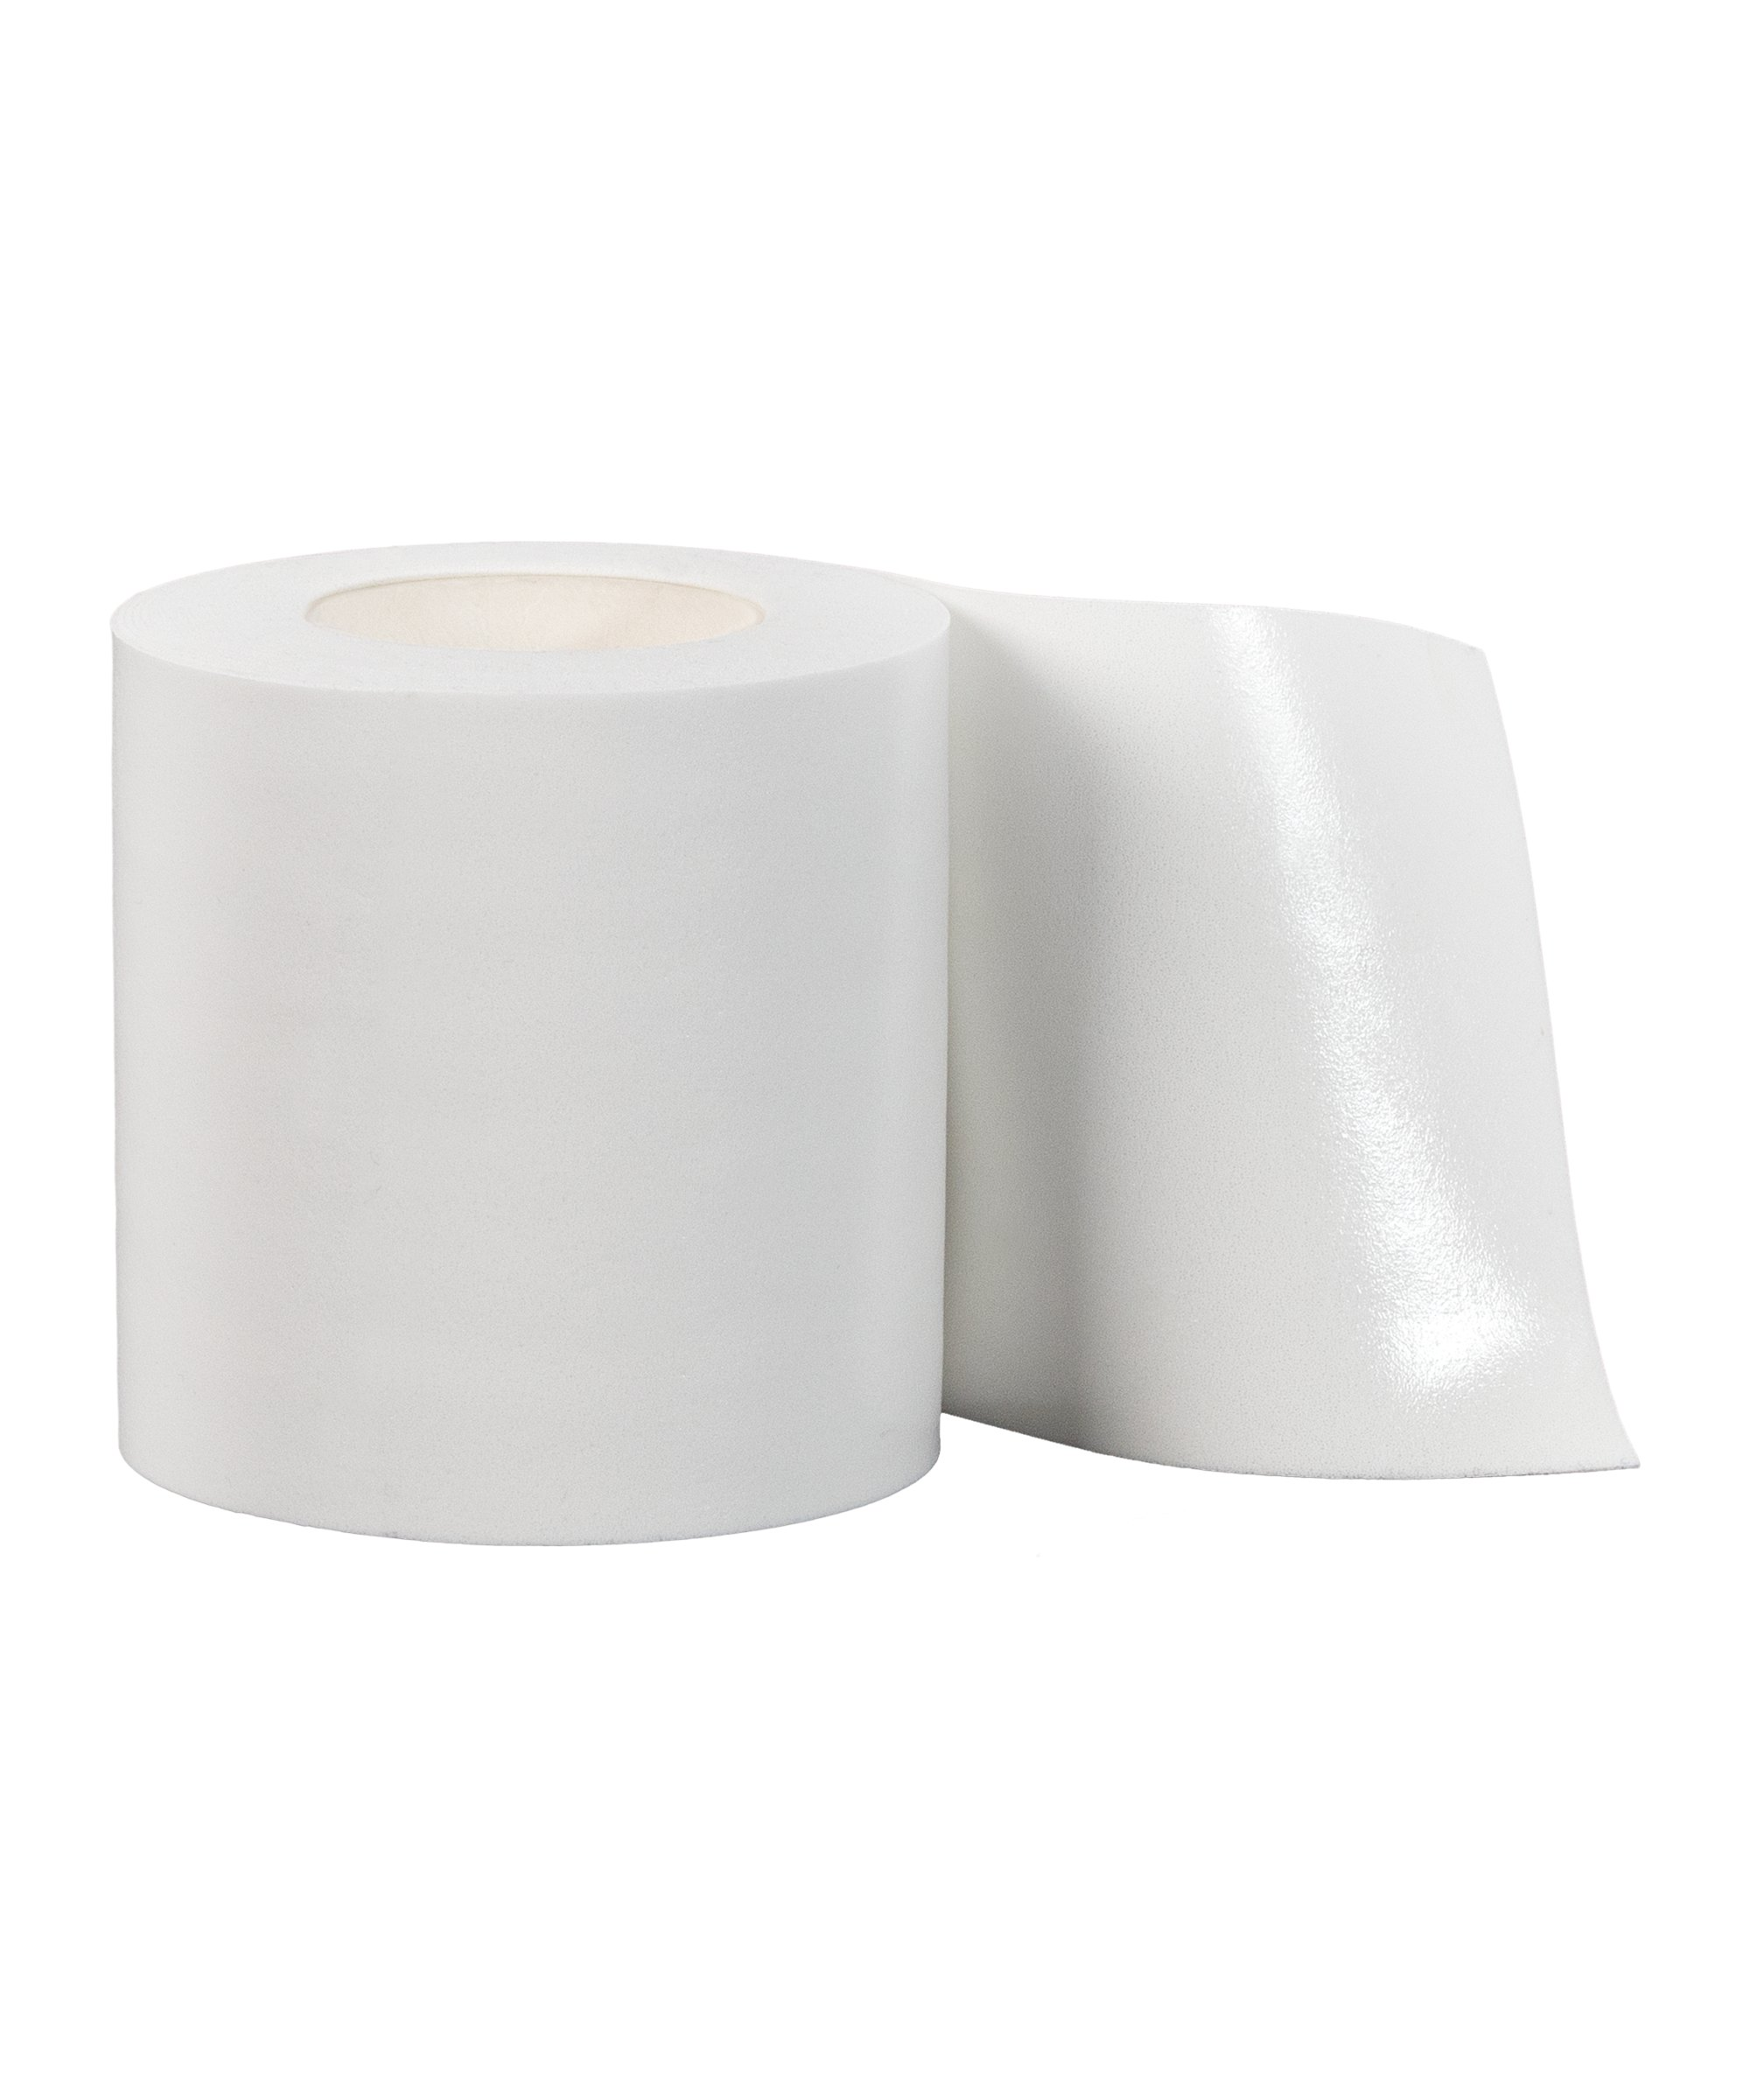 Select Foam Tape 5,0cm x 3m Weiss F000 - weiss